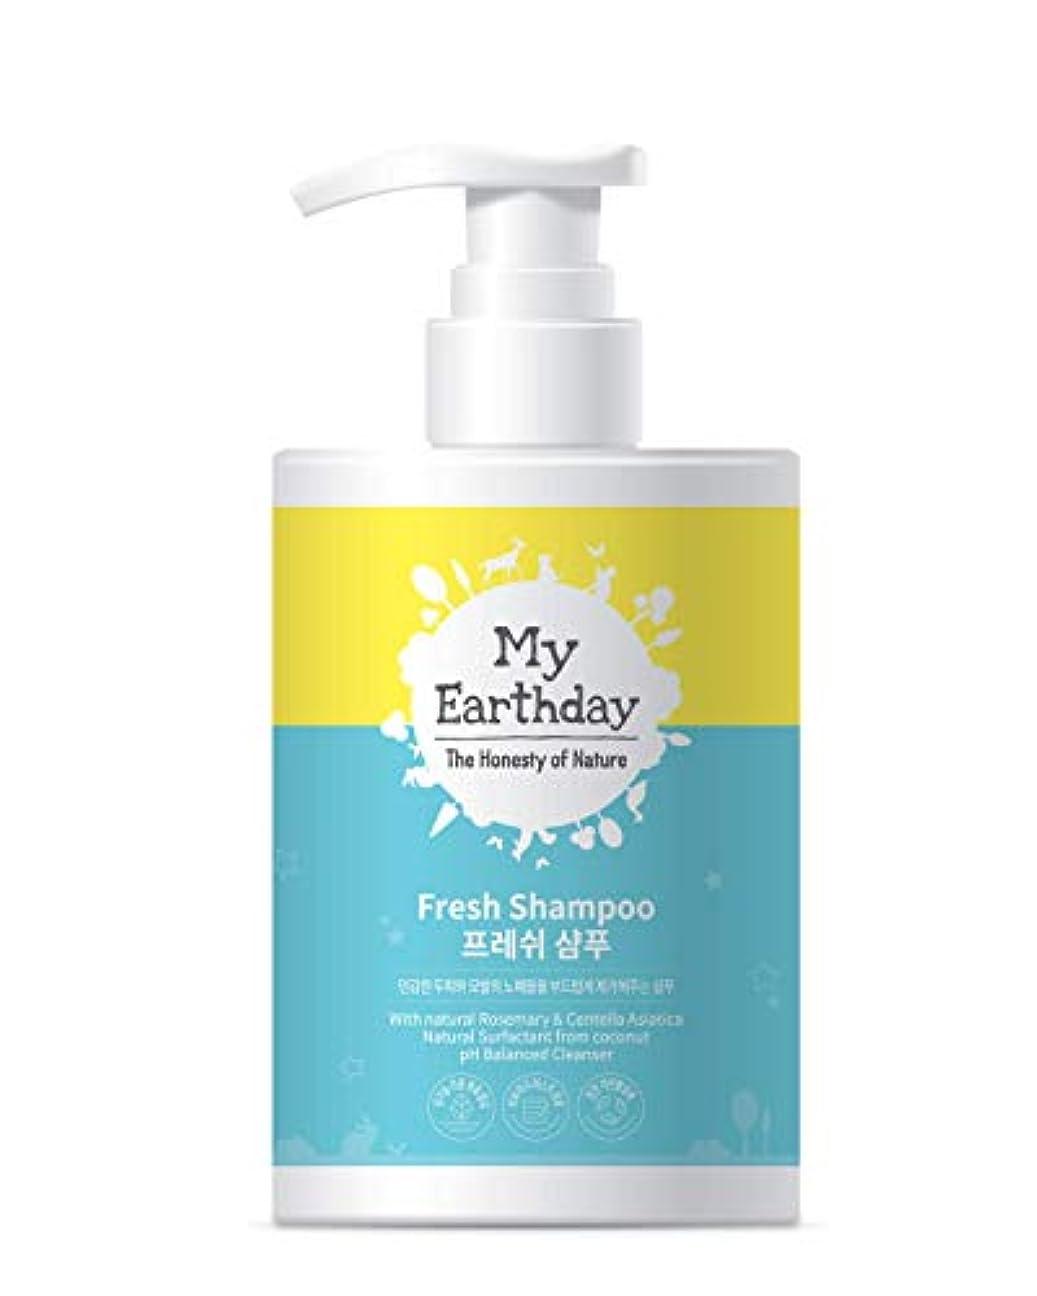 ゲージ文房具経営者[MyEarthday] Fresh Shampoo 18g / 0.63oz x 5 Sheets